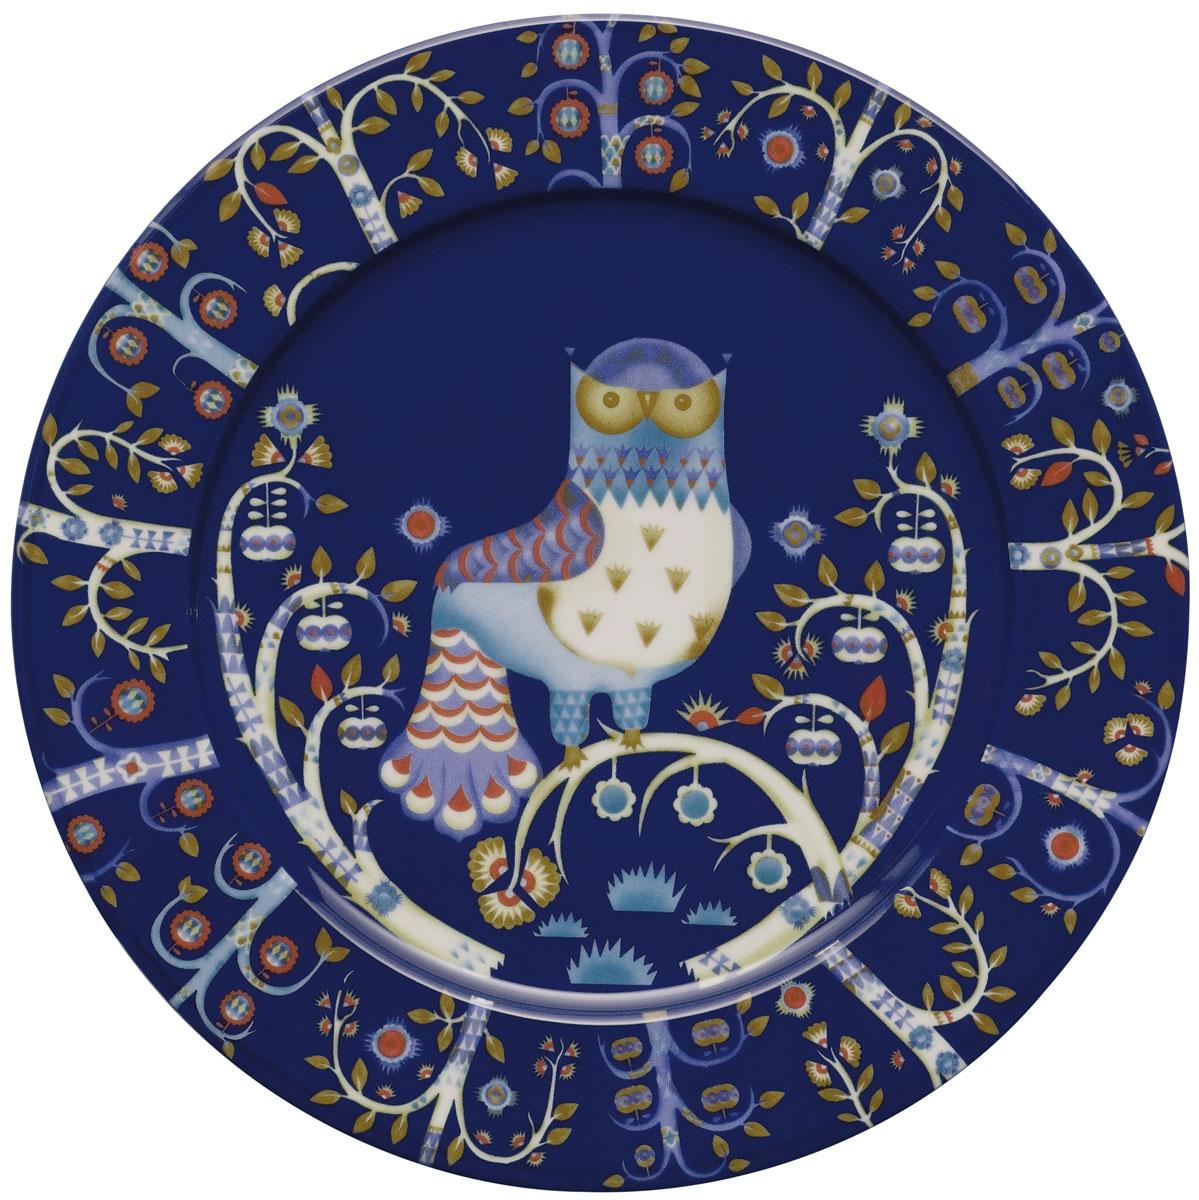 Тарелка Iittala Taika, диаметр 30 см1012438Тарелка Iittala Taika выполнена из качественного жароустойчивого прочного фарфора с долговечным стекловидным эмалевым покрытием.Можно мыть в посудомоечной машине.